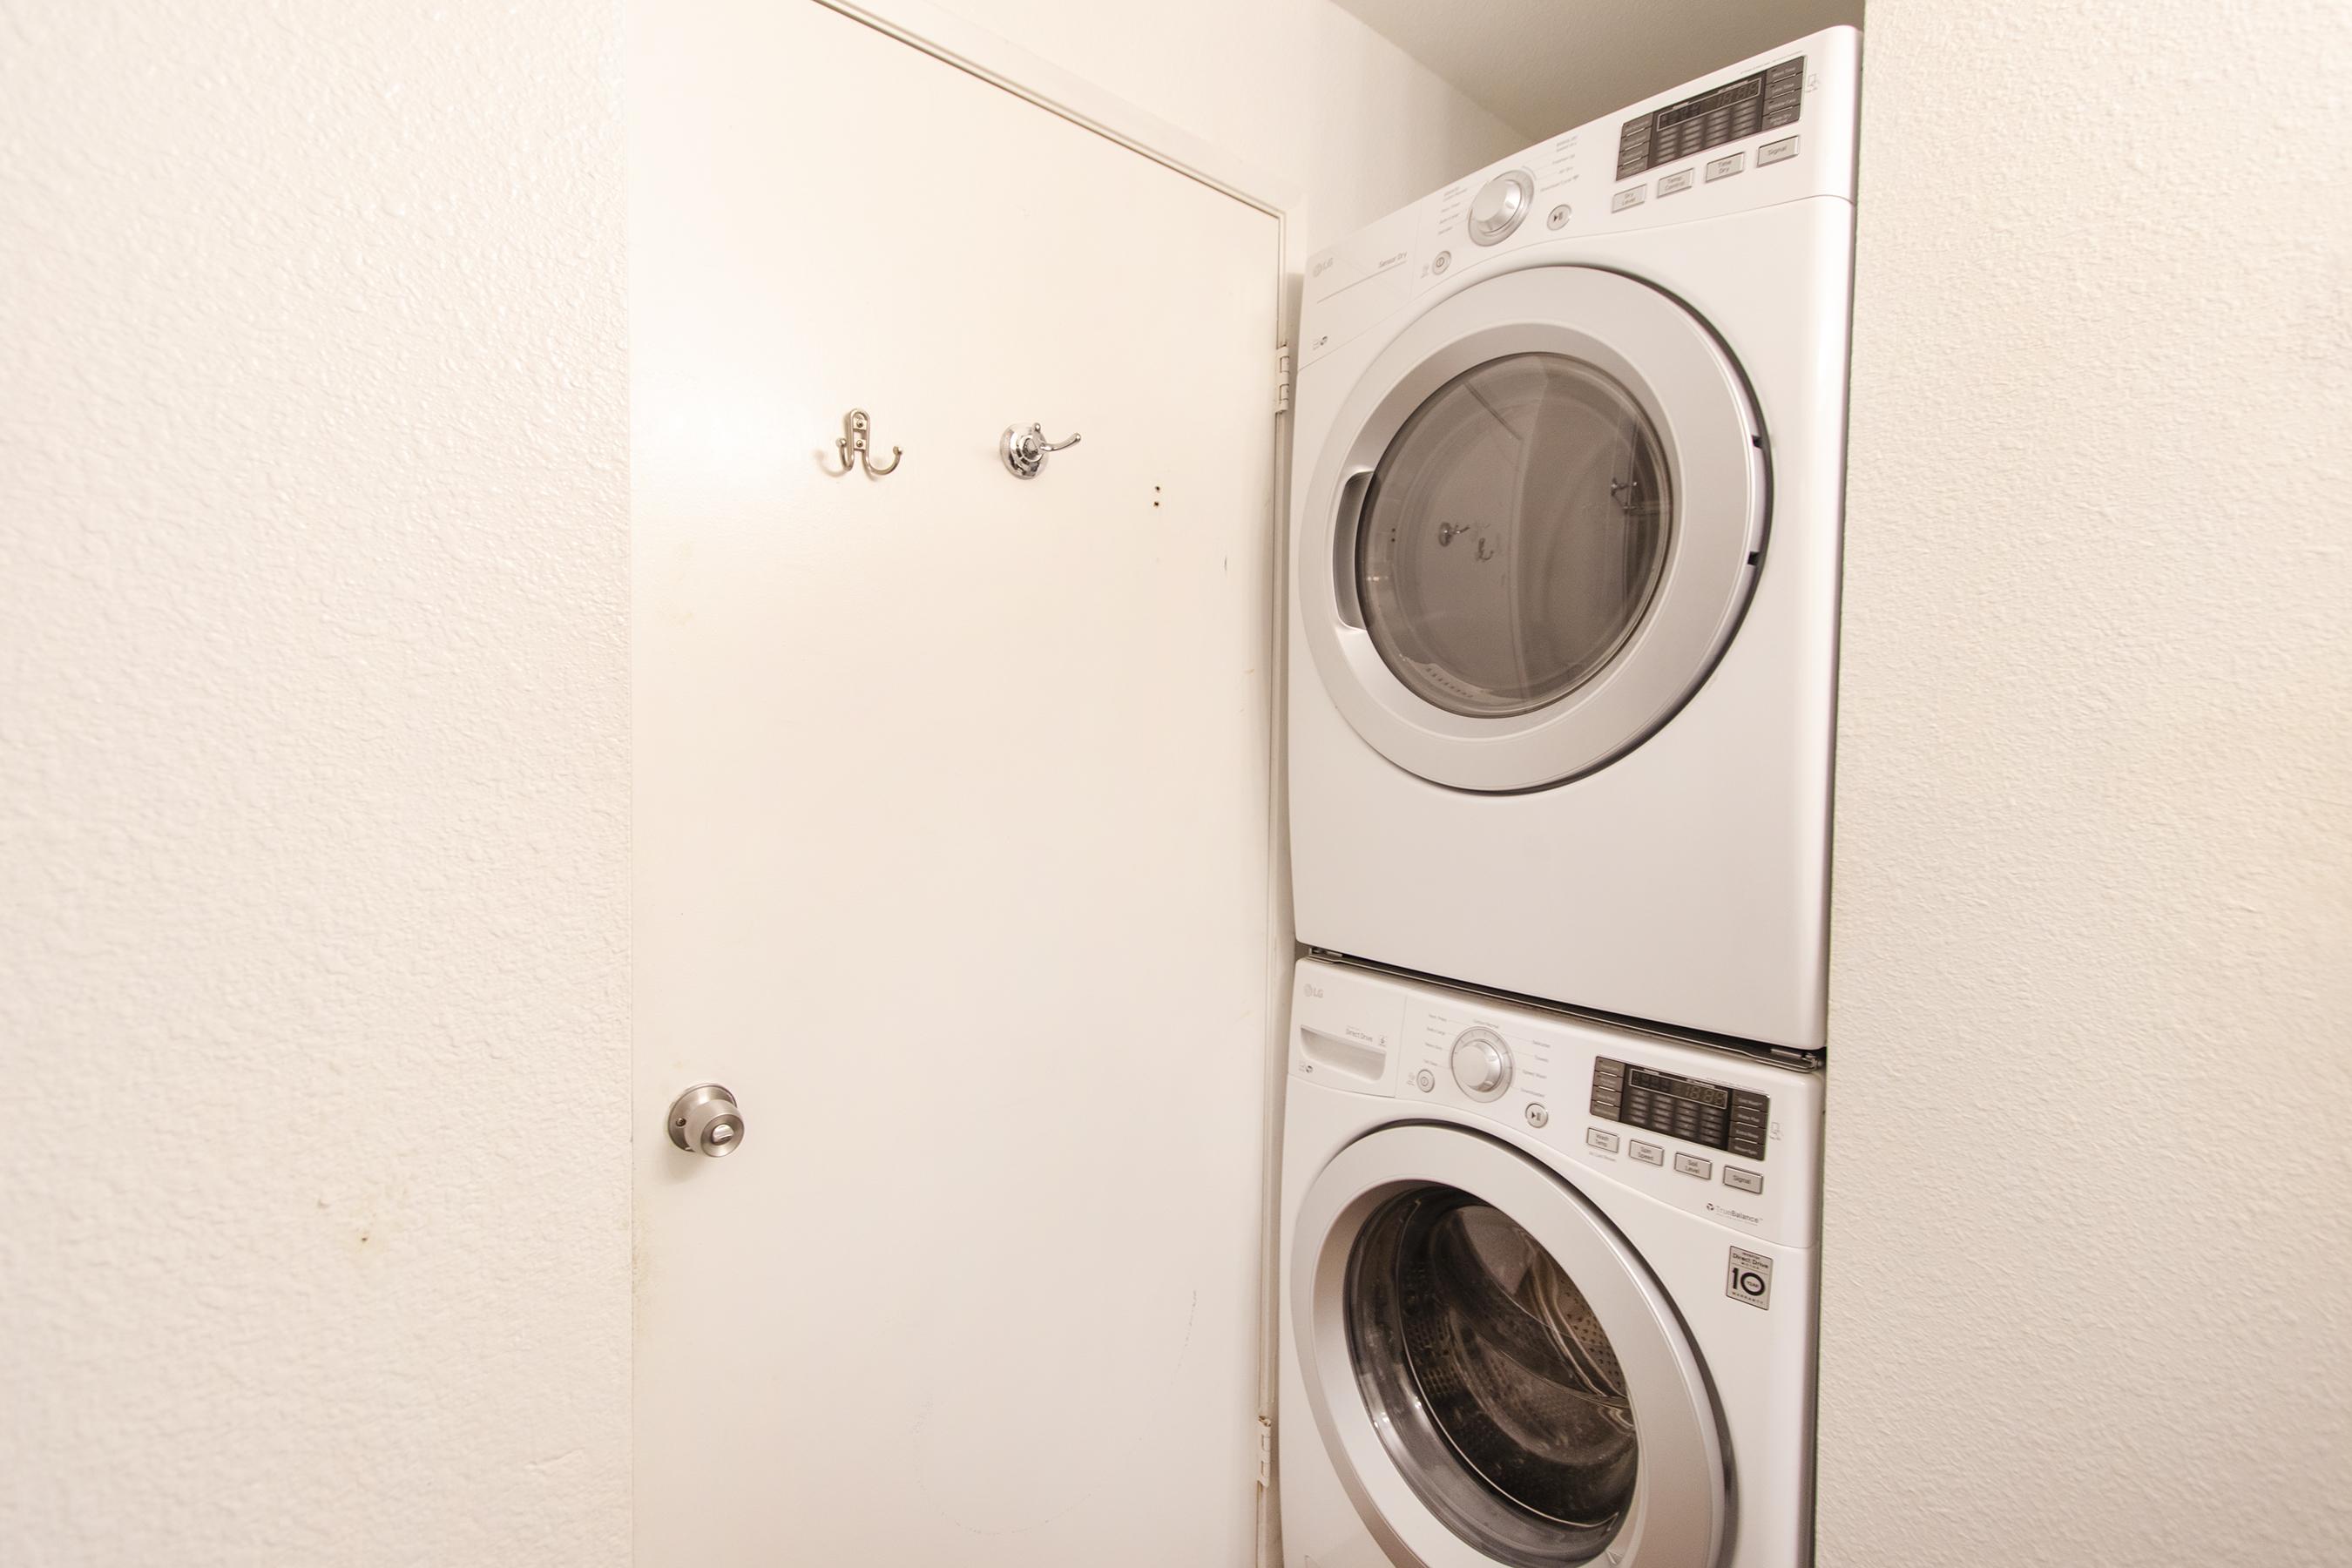 Laundry at 94-517 Lumiaina Street Unit K205